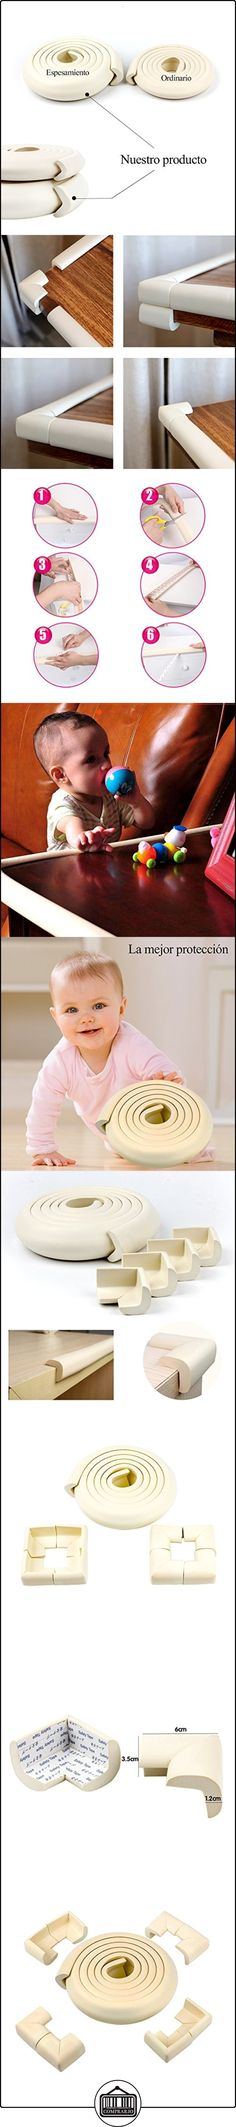 Yober Protectores para Bordes y Esquinas de 2 Metro Seguridad para Bebes y Niños 8 Piezas Protectores de Esquinas Antigolpes  ✿ Seguridad para tu bebé - (Protege a tus hijos) ✿ ▬► Ver oferta: http://comprar.io/goto/B01N4AH4L1